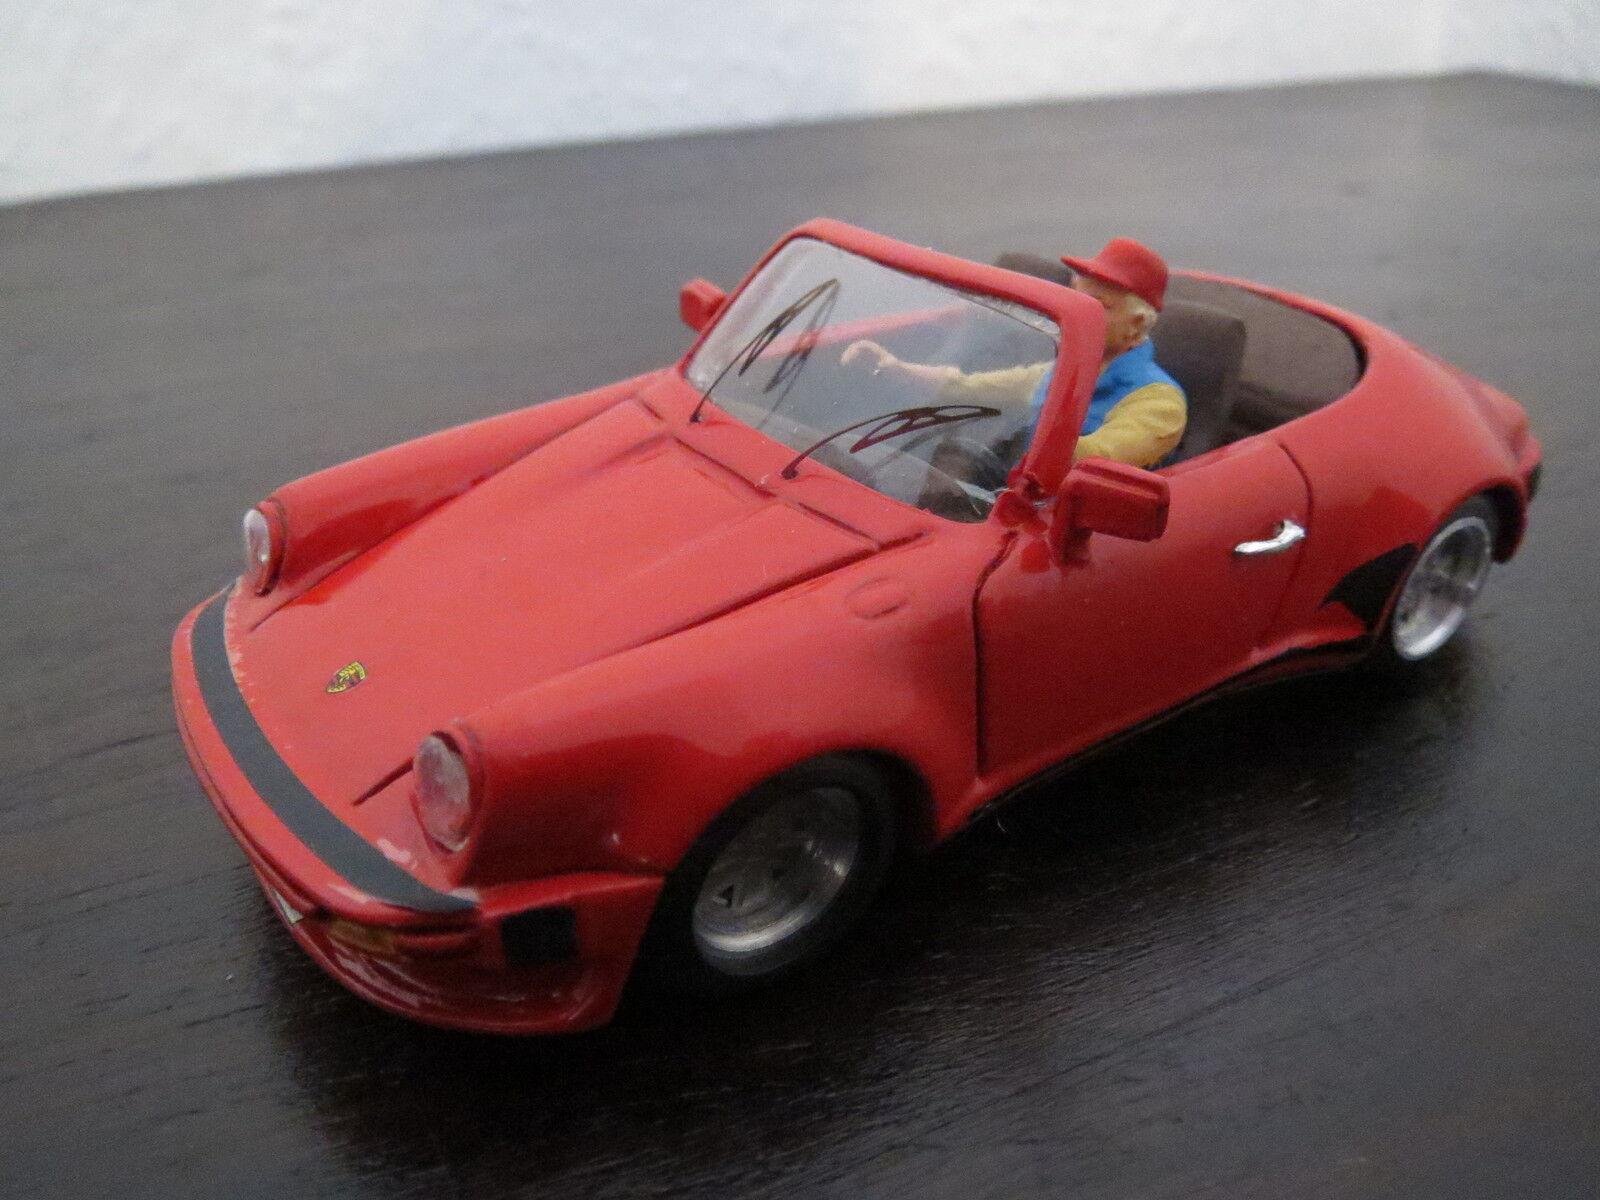 RARITÄT  PIT Models Porsche Porsche Porsche 911 Carrera Cabrio, rot, 1 43, TOP  | Won hoch geschätzt und weithin vertraut im in- und Ausland vertraut  258507